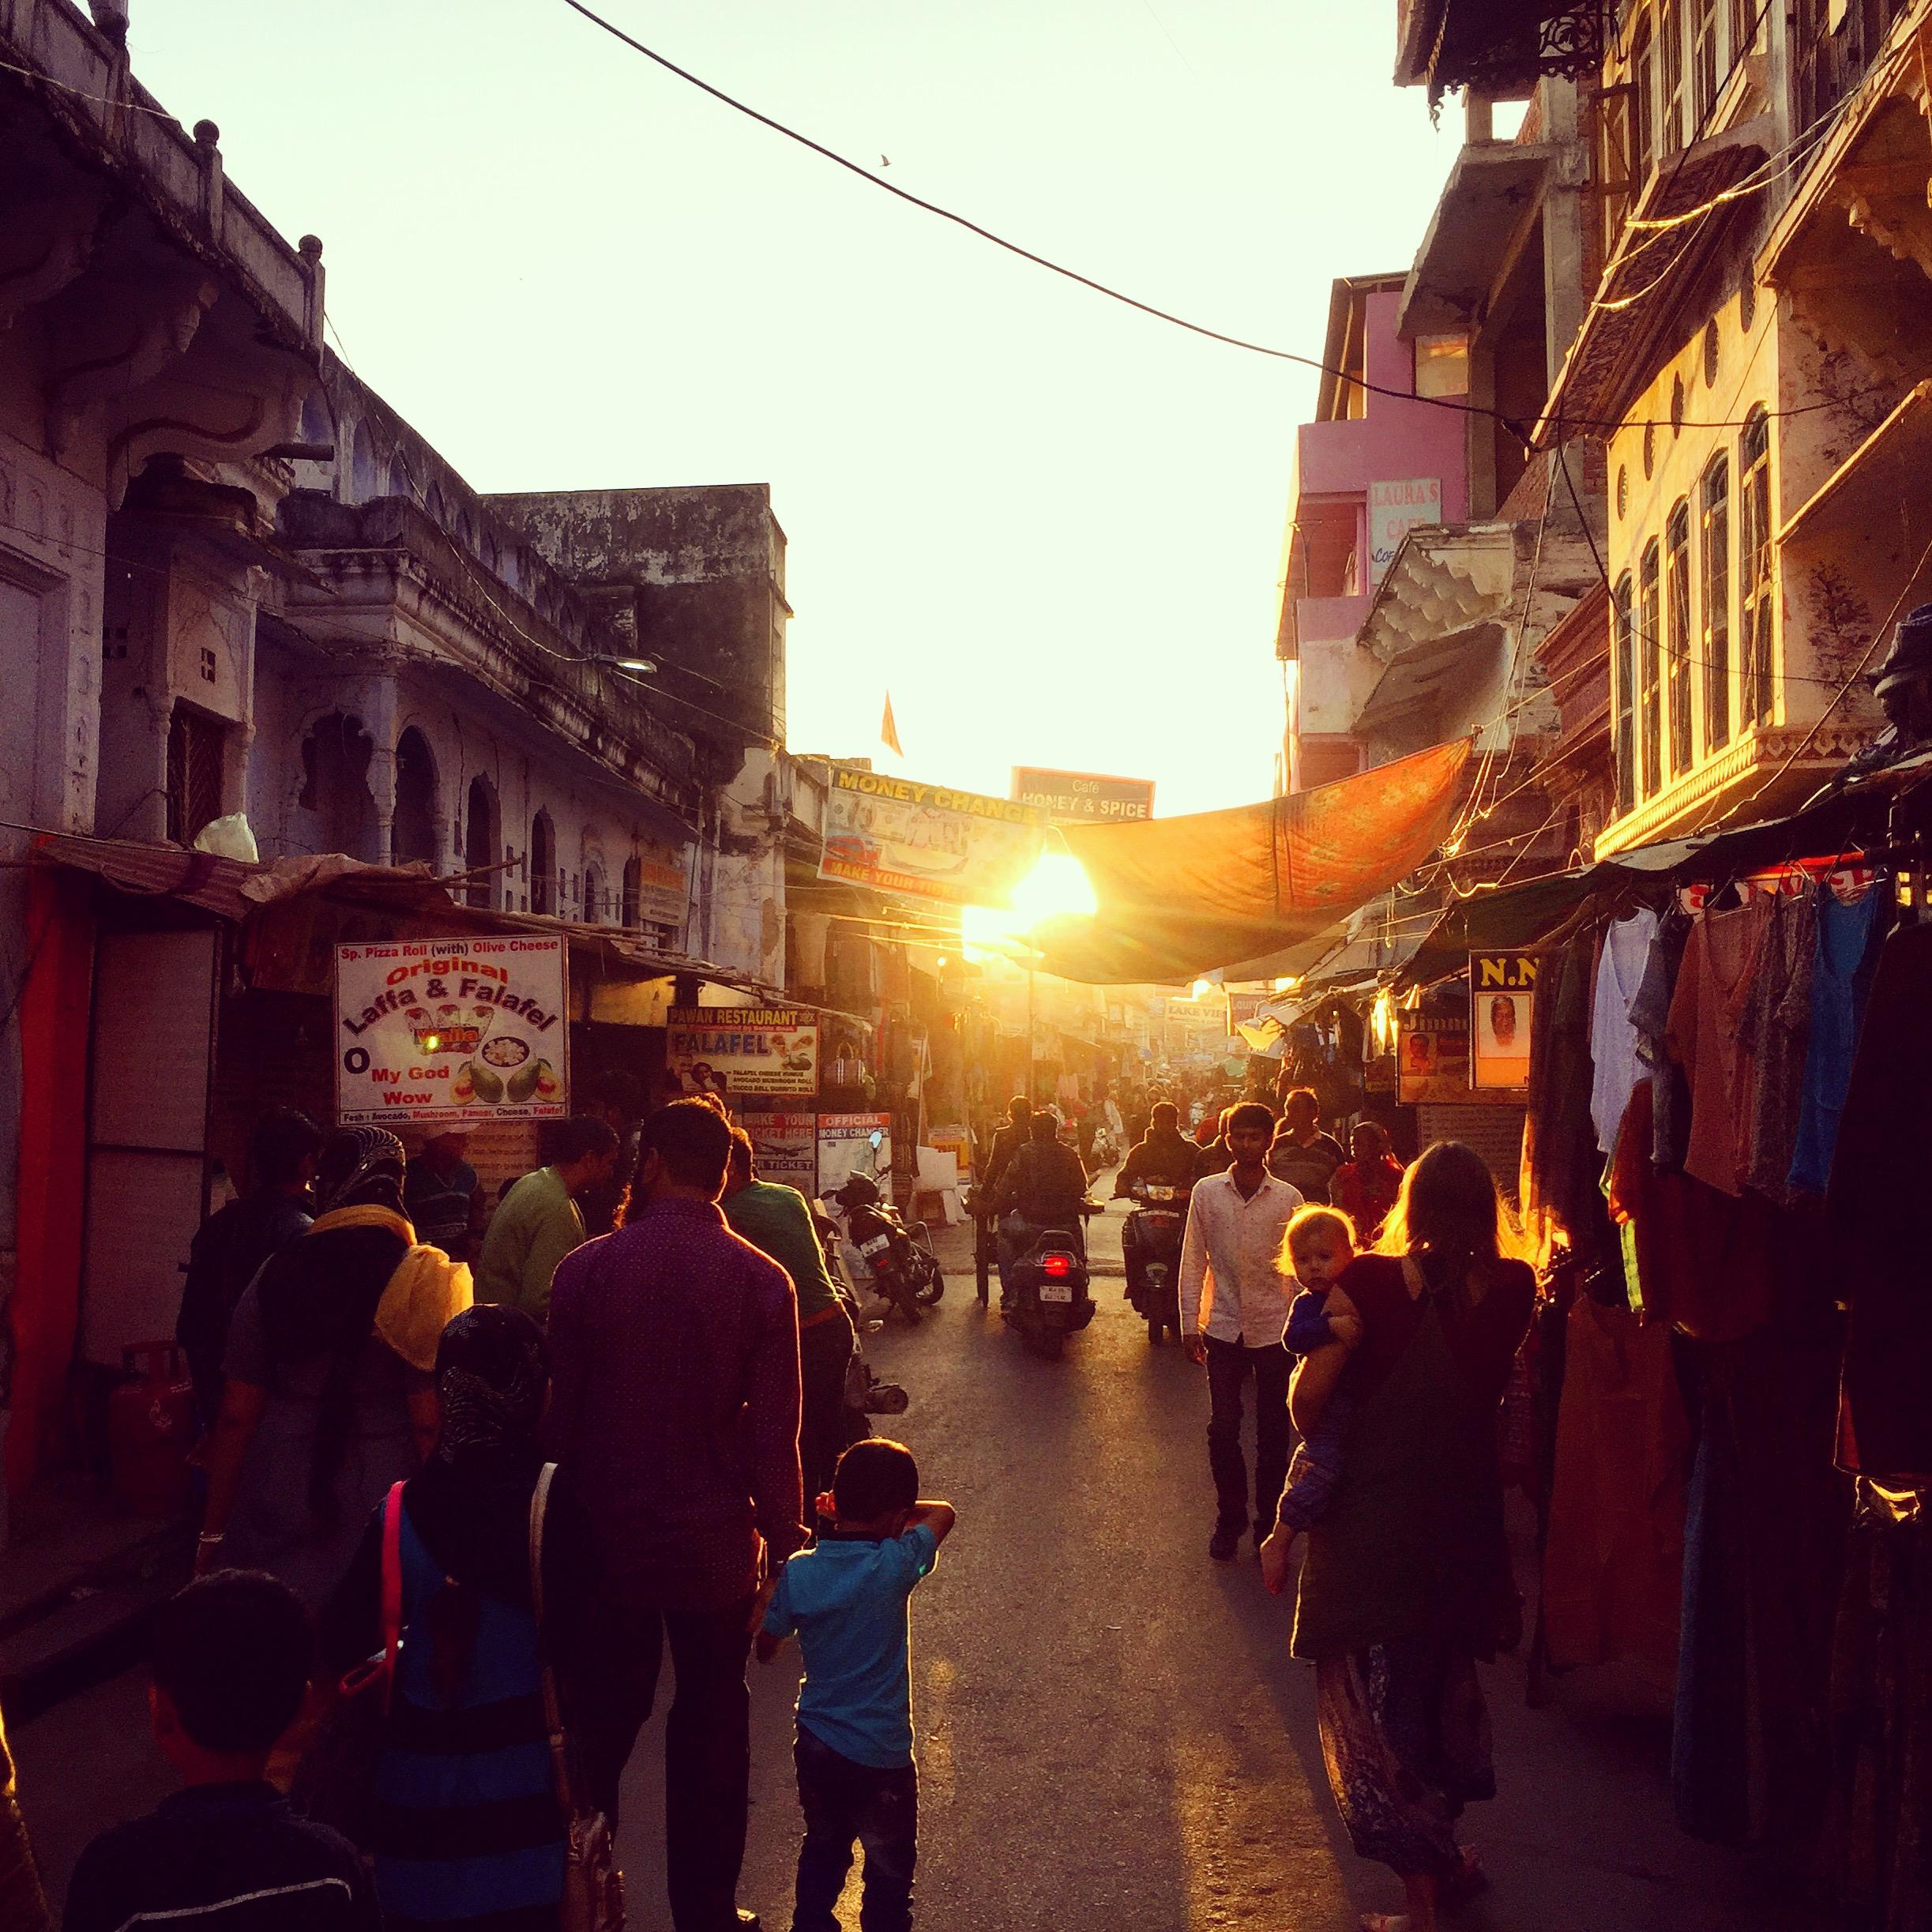 Rajastan und Pushkar erinnern an Mittelerde - wildes Land, seltsame Namen und glühende Sonnenuntergänge vor alten Gebäuden.